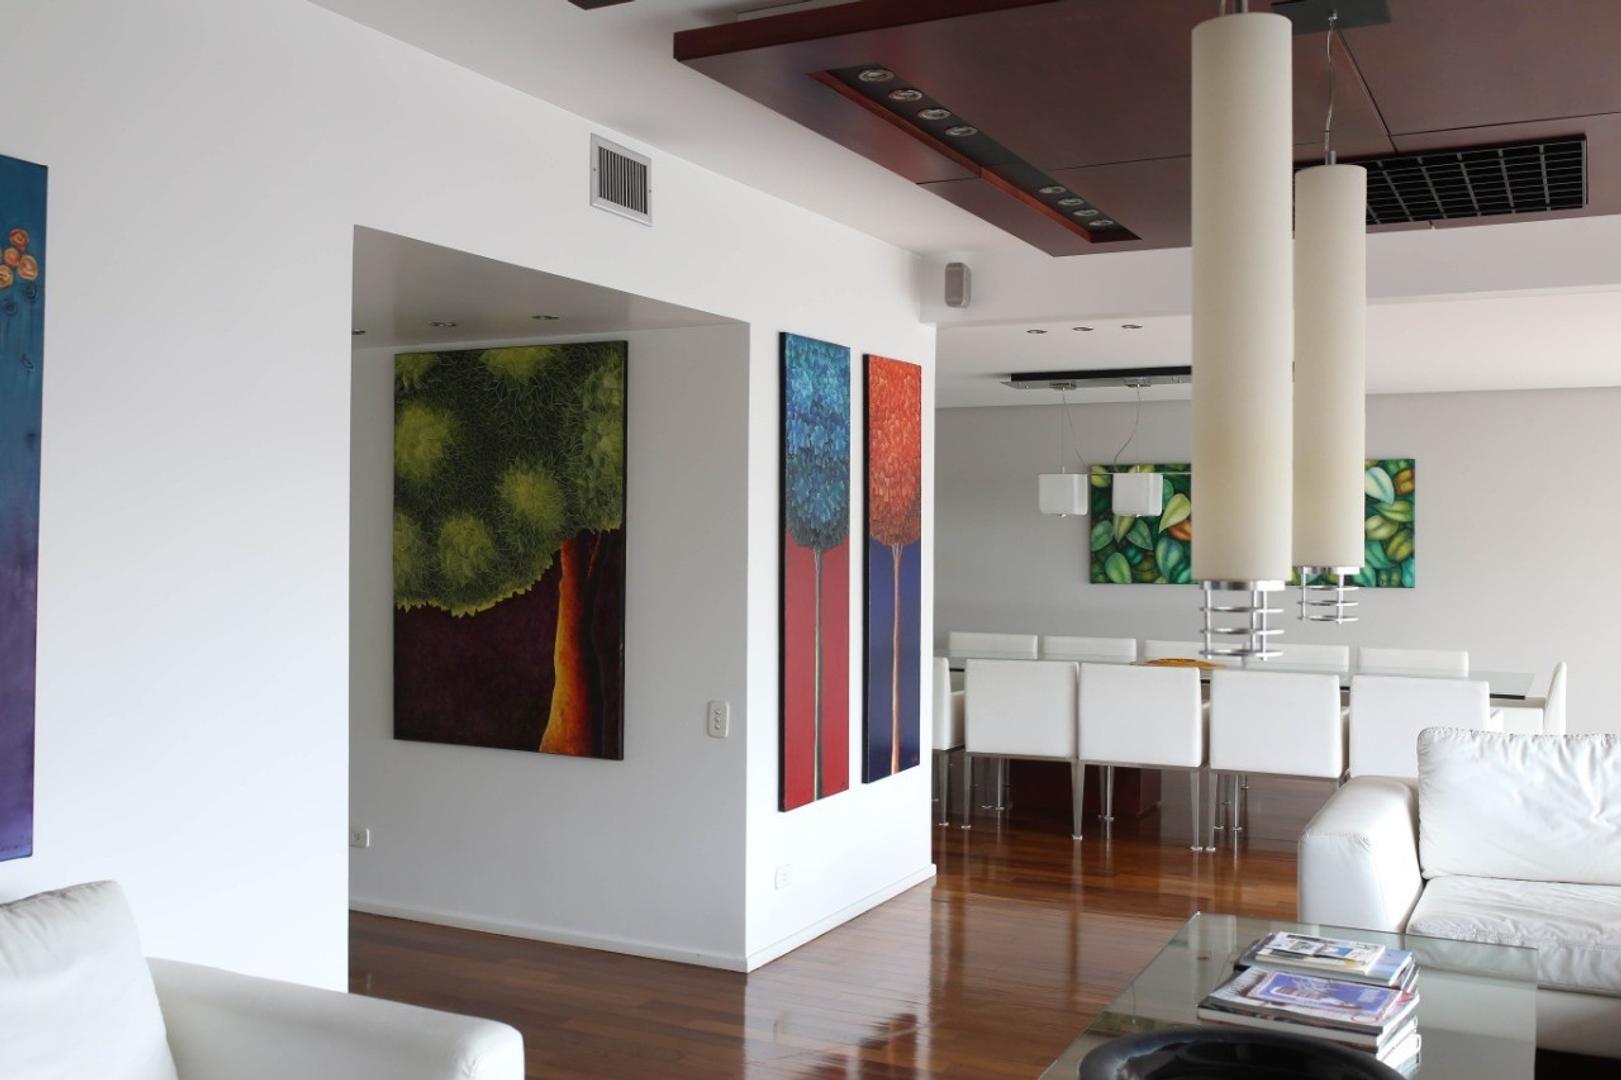 Departamento - 194 m² | 3 dormitorios | 10 años